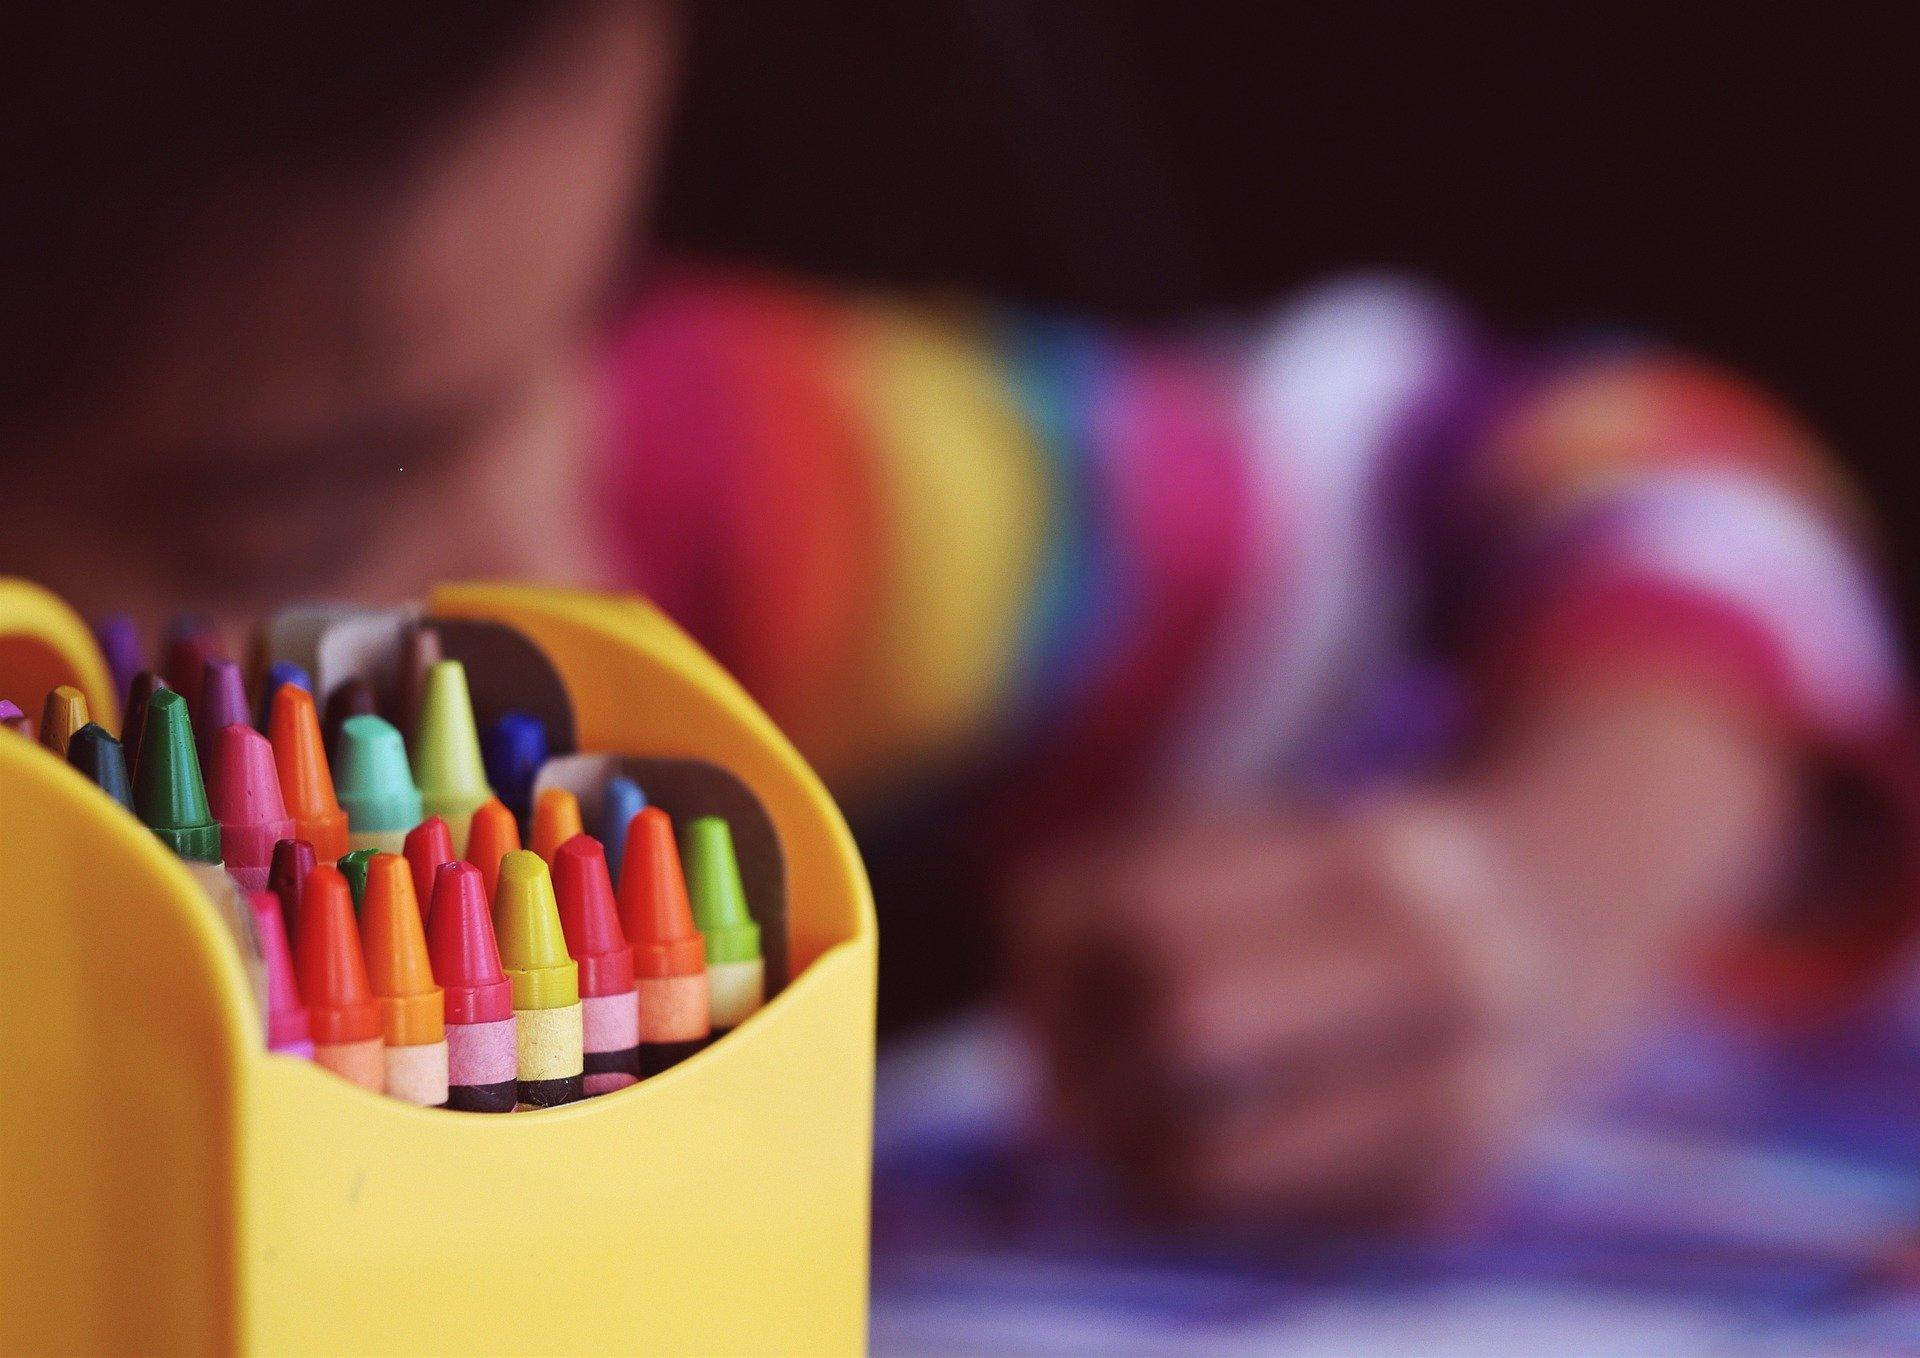 Autismo, integración y etiquetas